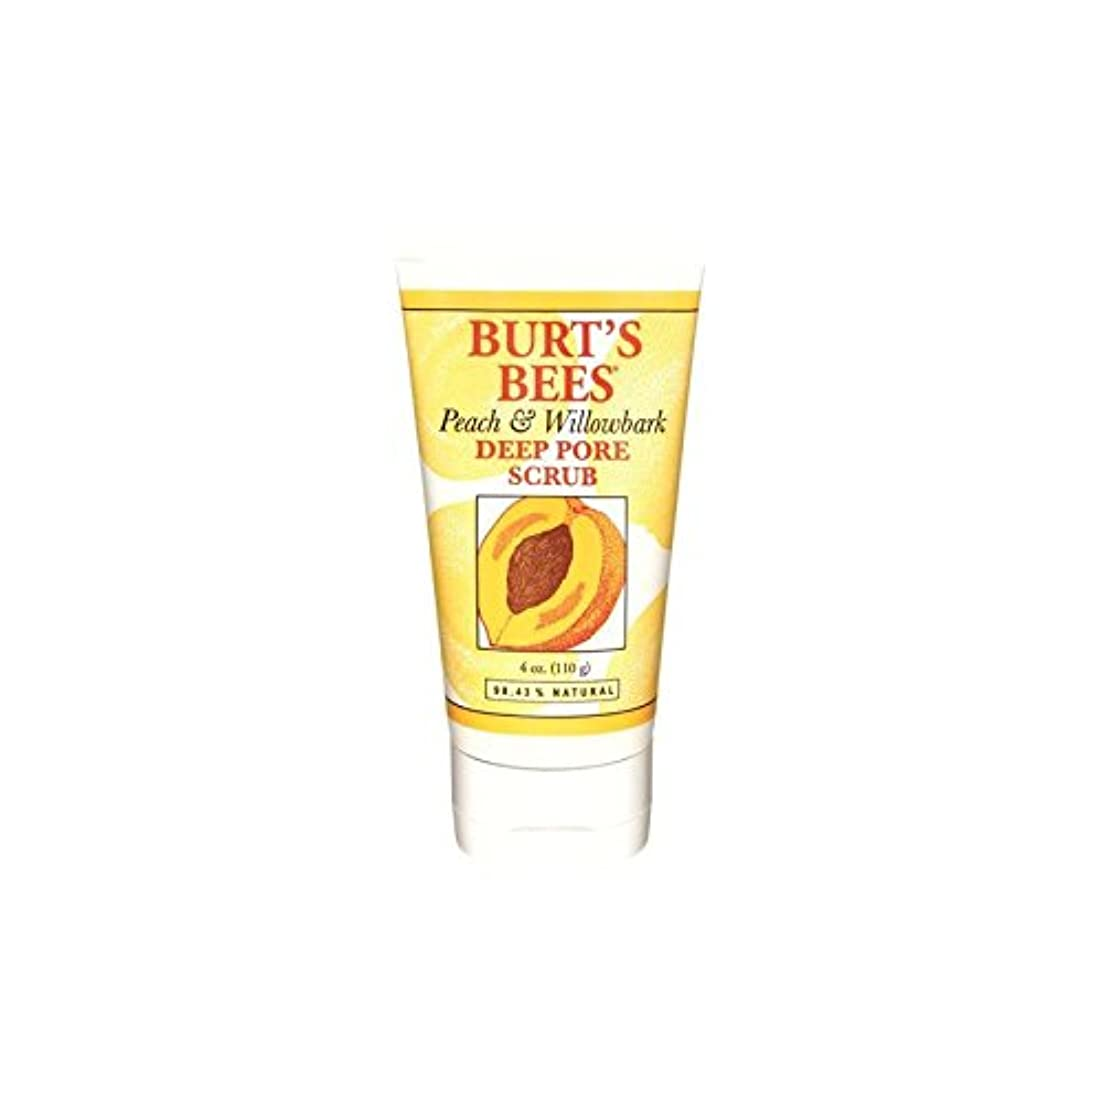 大胆なウィスキー珍味Burt's Bees Peach & Willowbark Deep Pore Scrub (4 Oz / 110G) - バーツビーの桃&深いポアスクラブ(4オンス/ 110グラム) [並行輸入品]